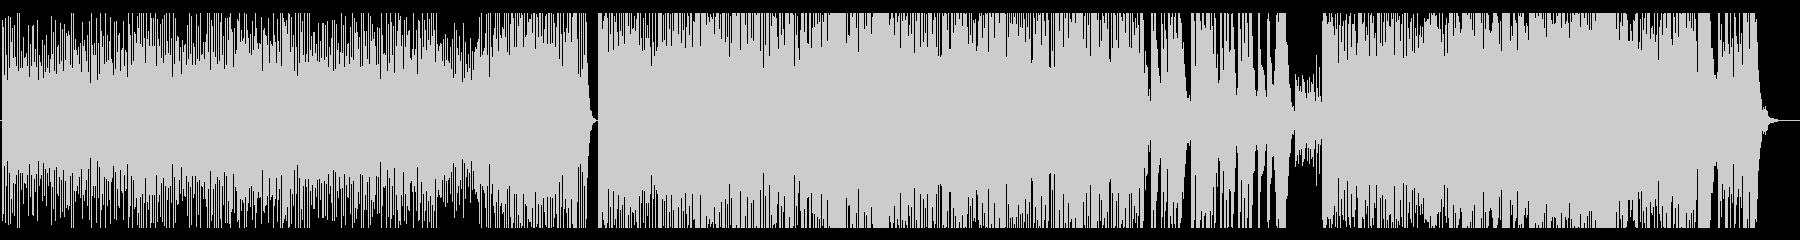 勢いのある和太鼓曲の未再生の波形